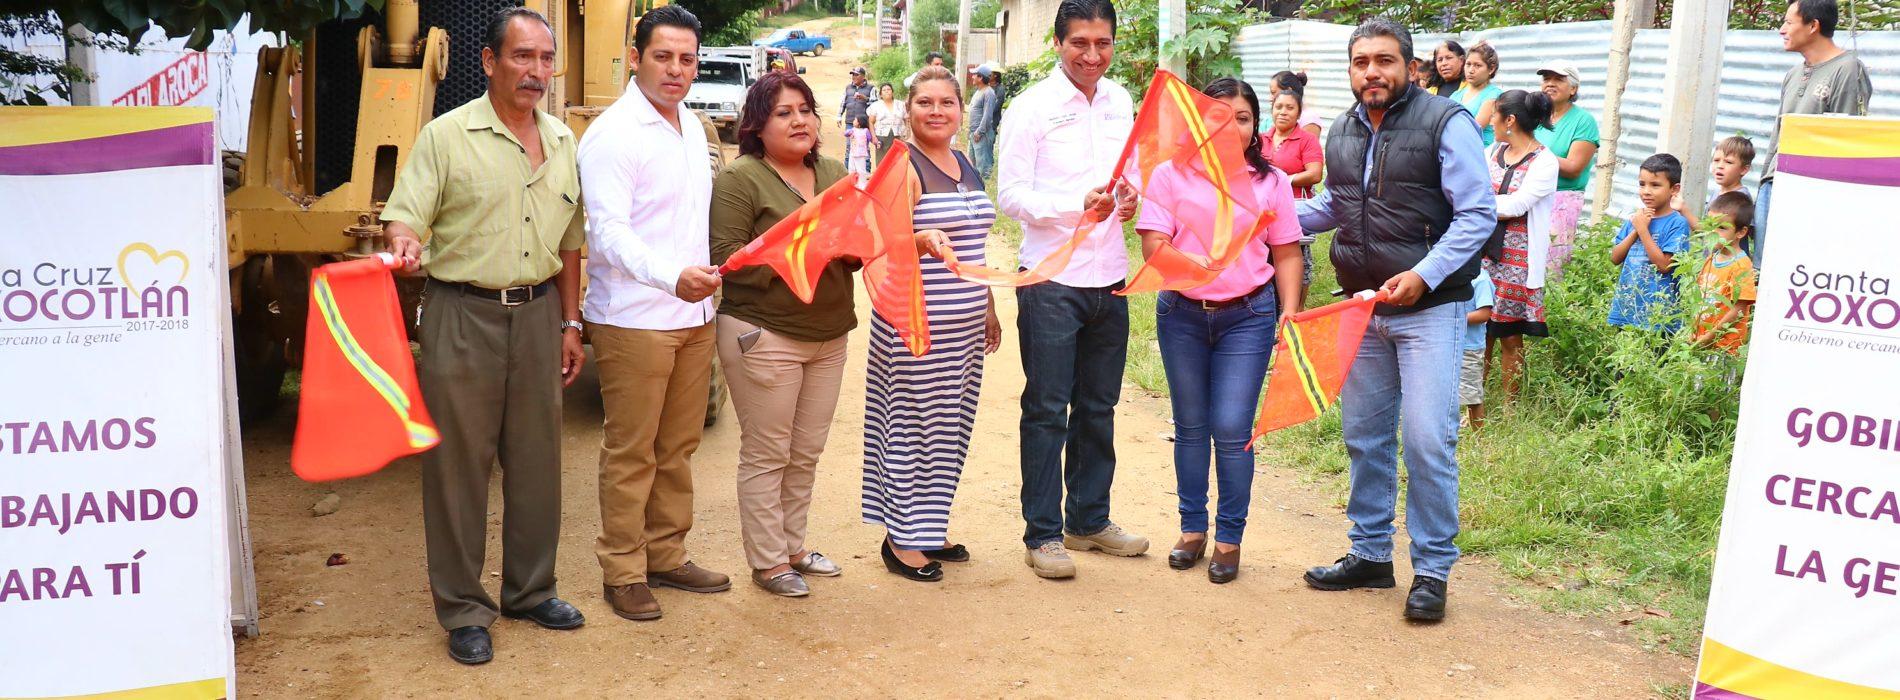 Generan más acciones de desarrollo urbano en Xoxocotlán